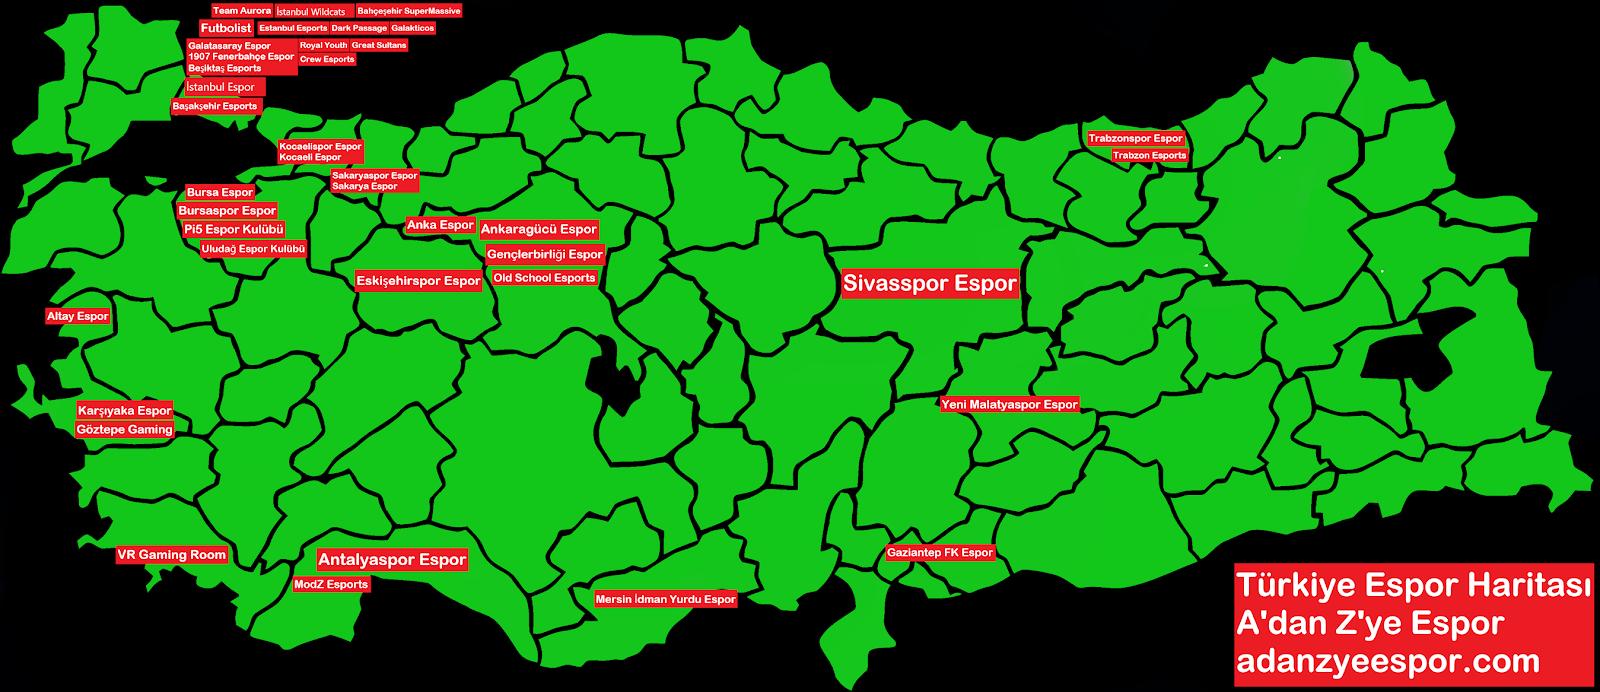 Türkiye Espor Haritası2